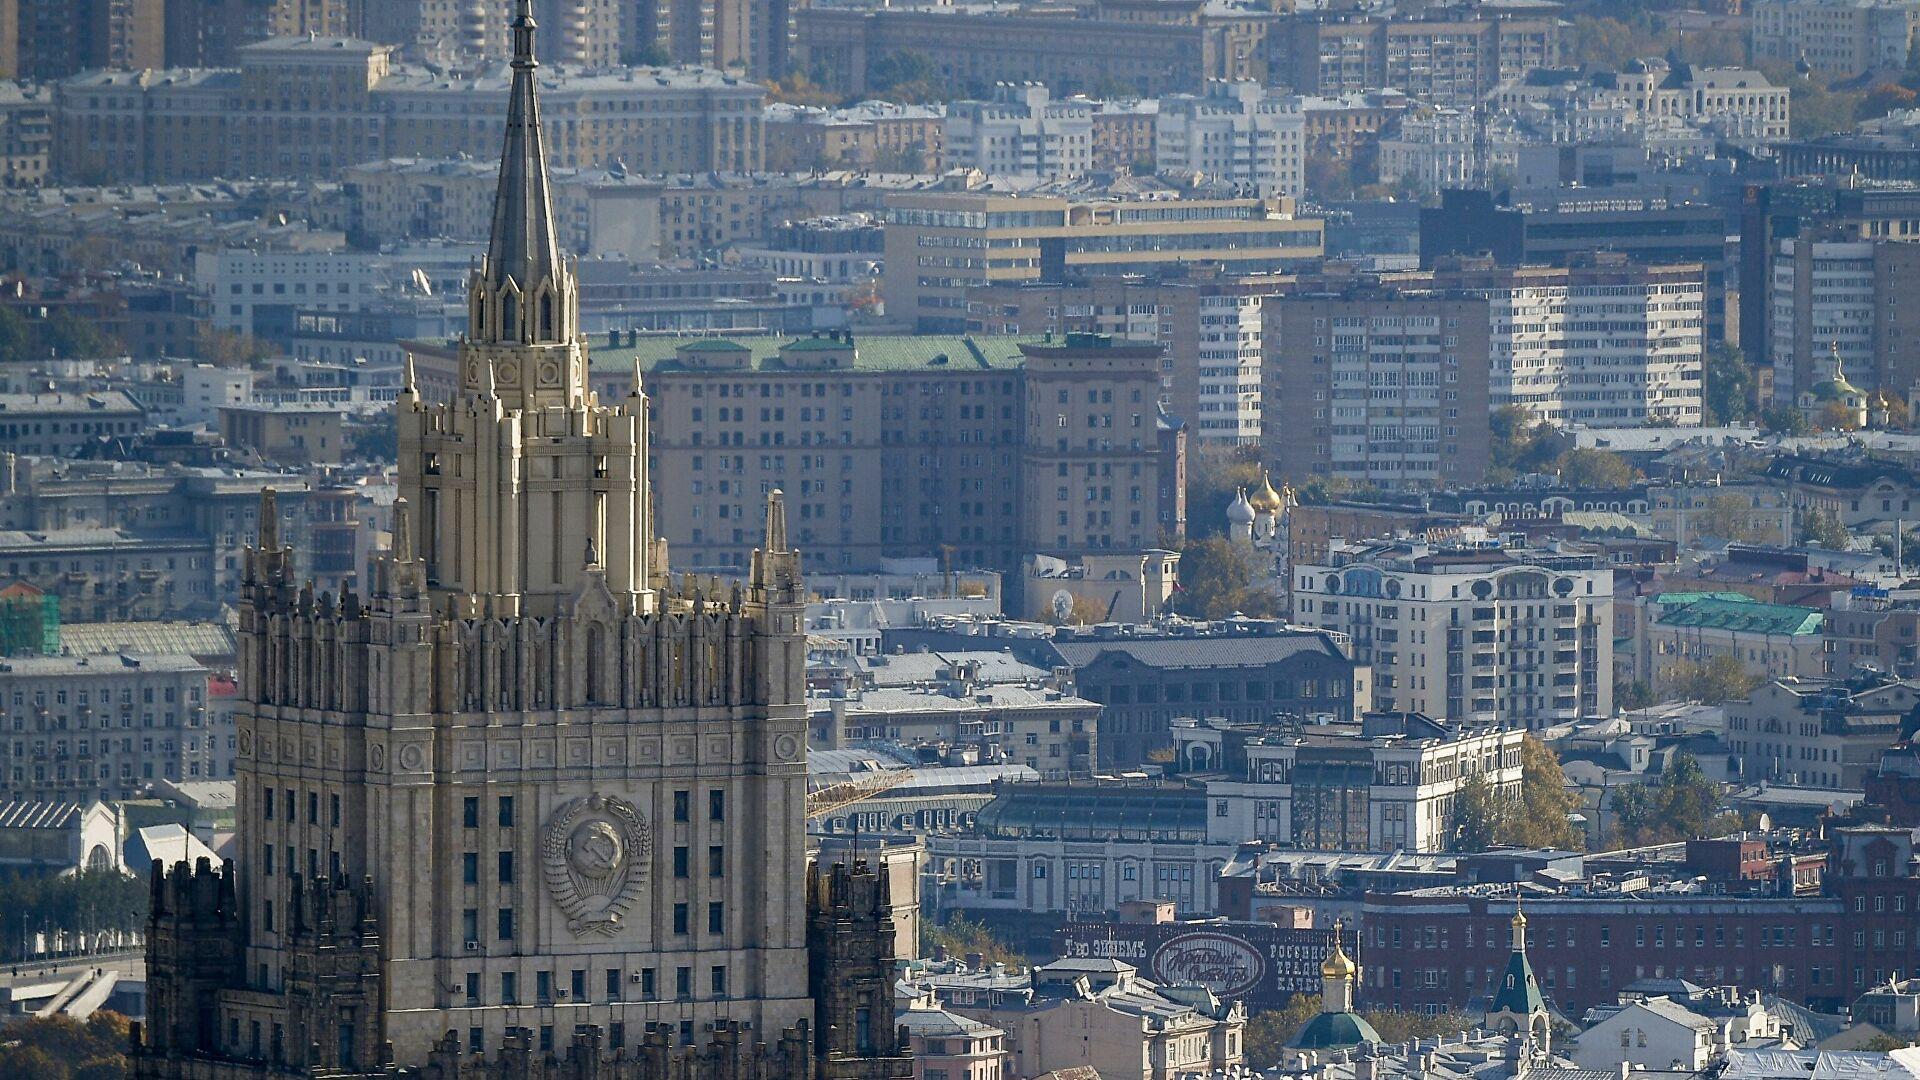 Moskva: Pozivamo UNMIK i Međunarodne snage za Kosovo da u okviru ovlašćenja iz Rezolucije 1244 osiguraju bezbednost i neophodne uslove za rad osoblja ruske kancelarije u Prištini